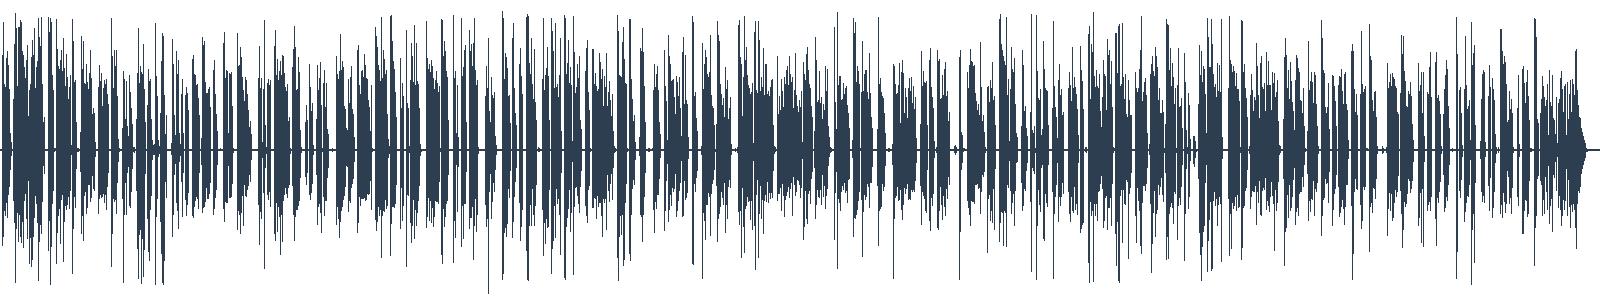 Drasticky děsivý Dexter - ukázka z audioknihy waveform